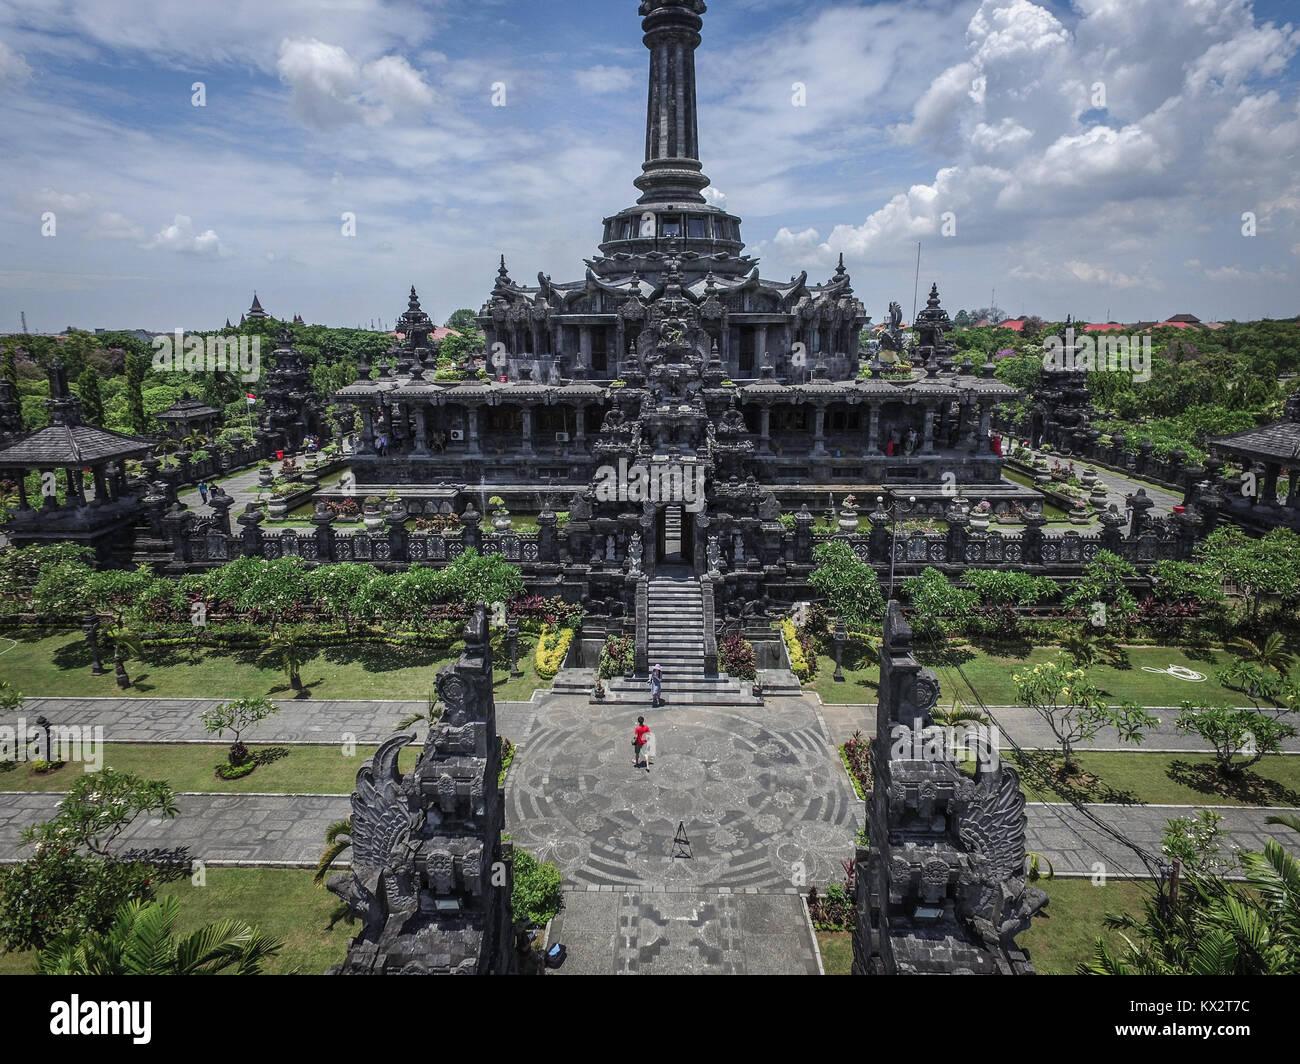 Aerial drone view of Bajra Sandhi Monument located at Raya Puputan Niti Mandala Street, Renon, Denpasar, Bali. - Stock Image